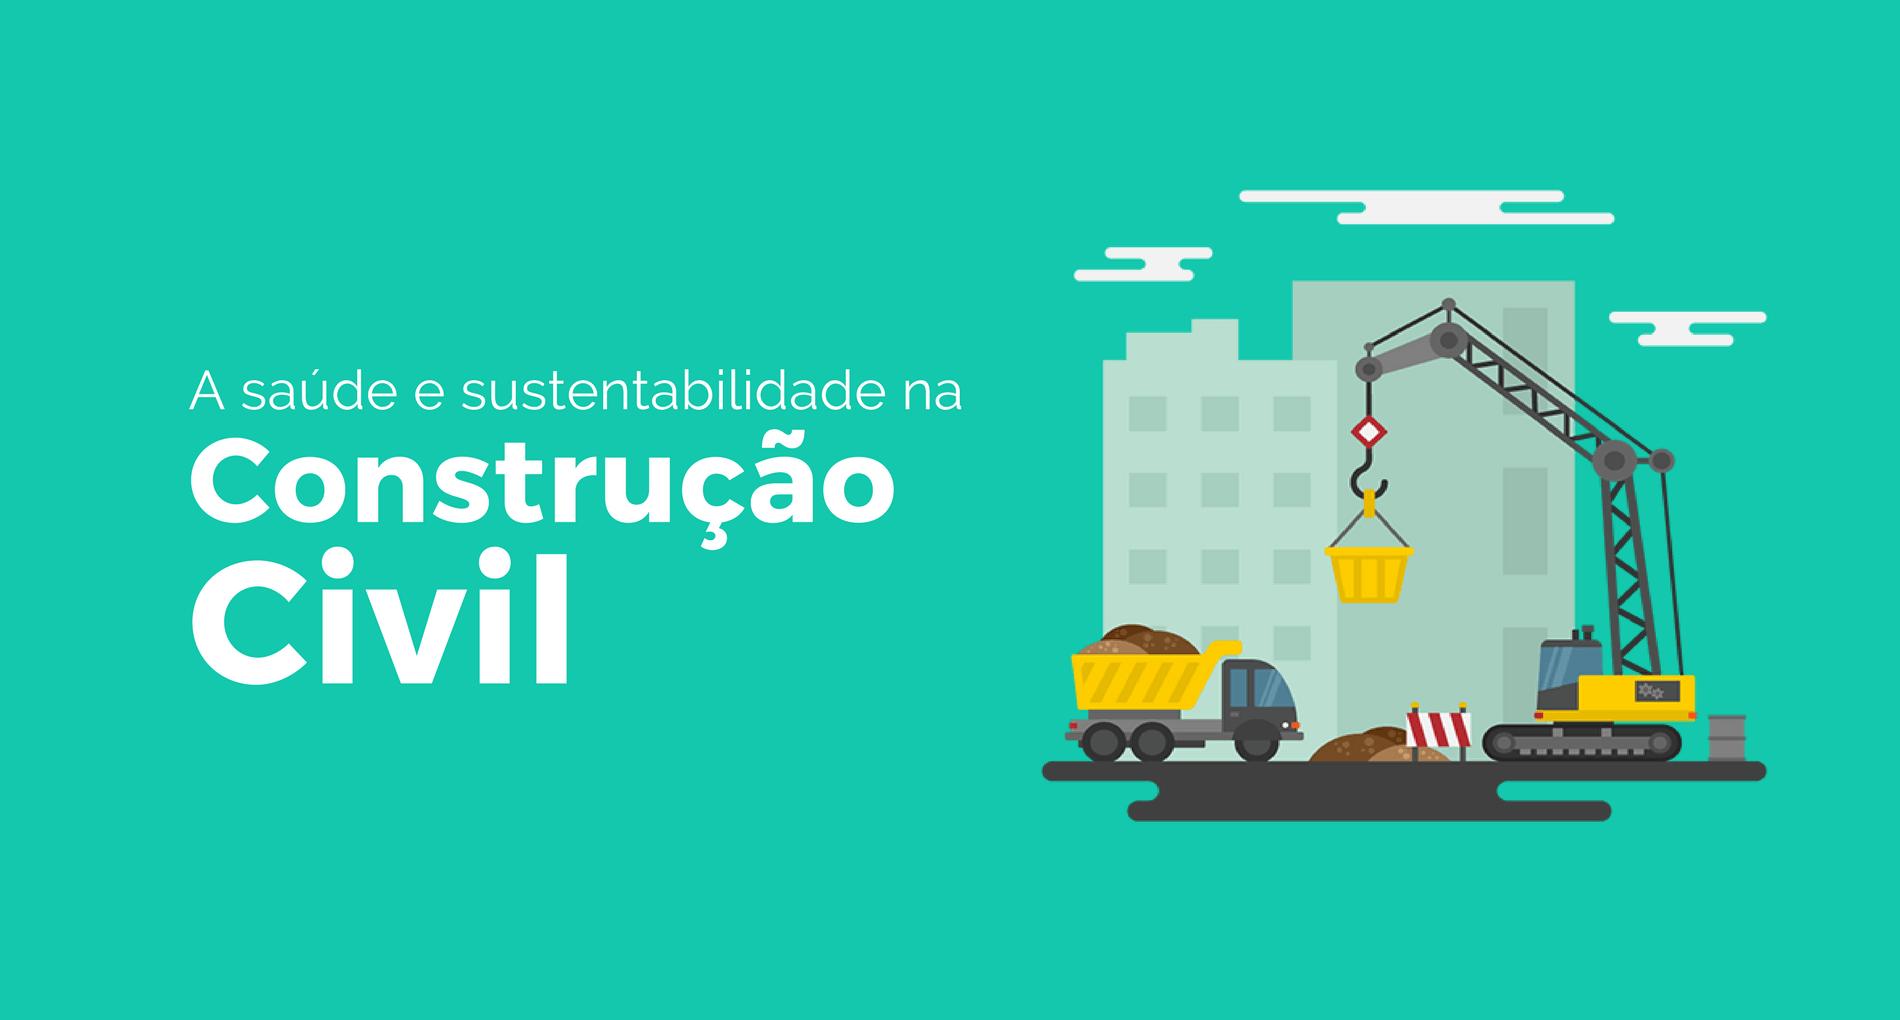 saúde e sustentabilidade na construção civil